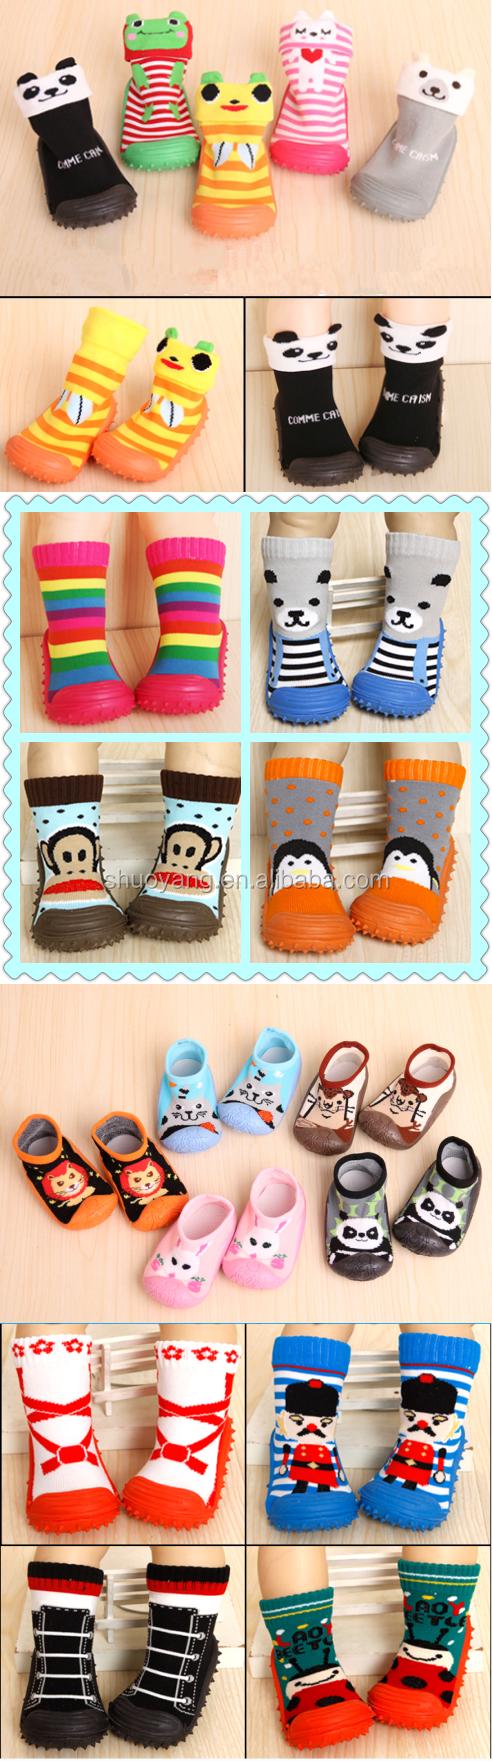 Shuoyang Crochet Libre Patrón Calcetines De Bebés Con Suela De Goma ...